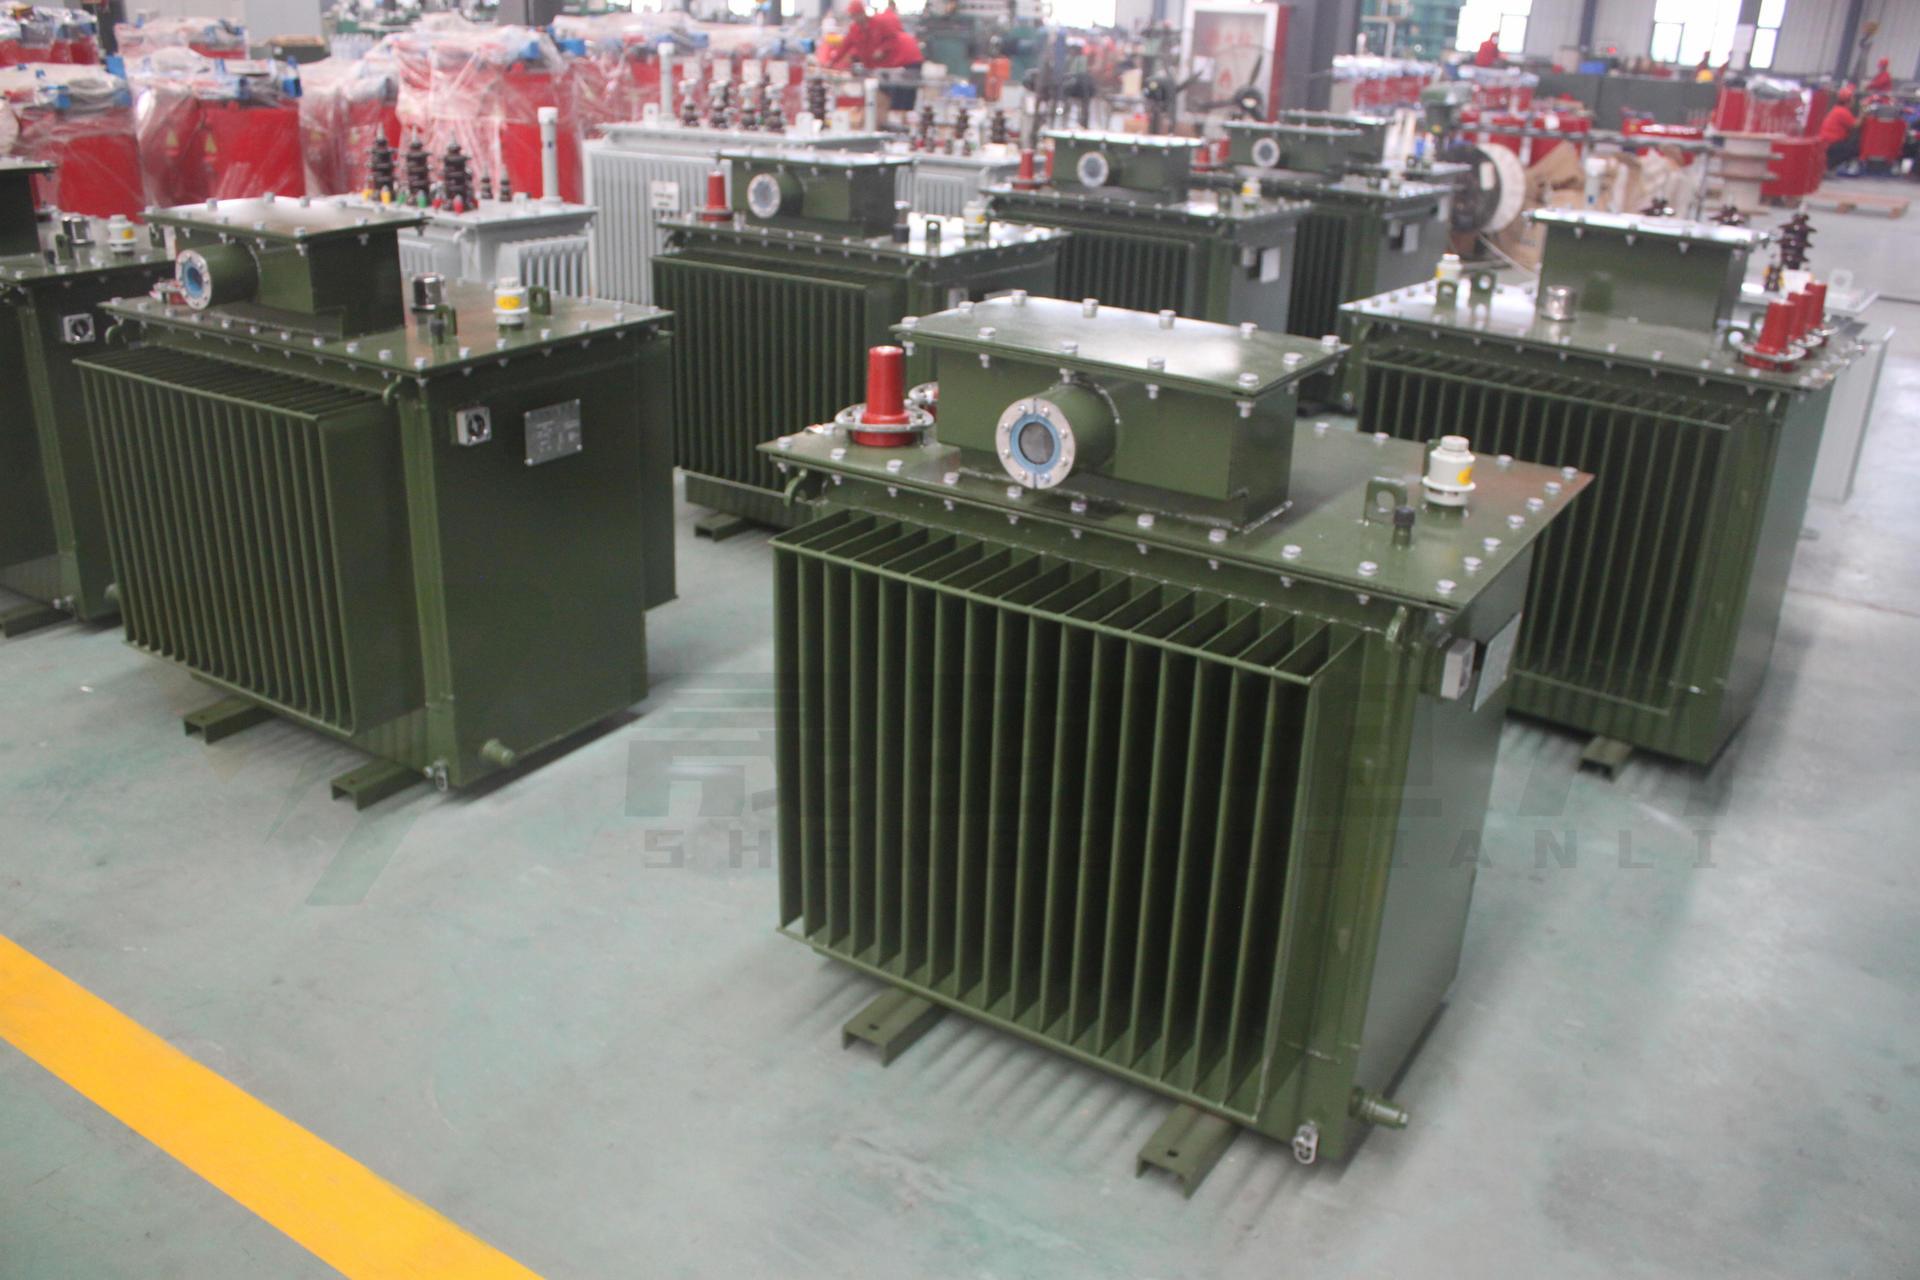 地埋式变压器s11-mrd-250kva 地埋式变压器生产厂家 地下式变压器示例图2